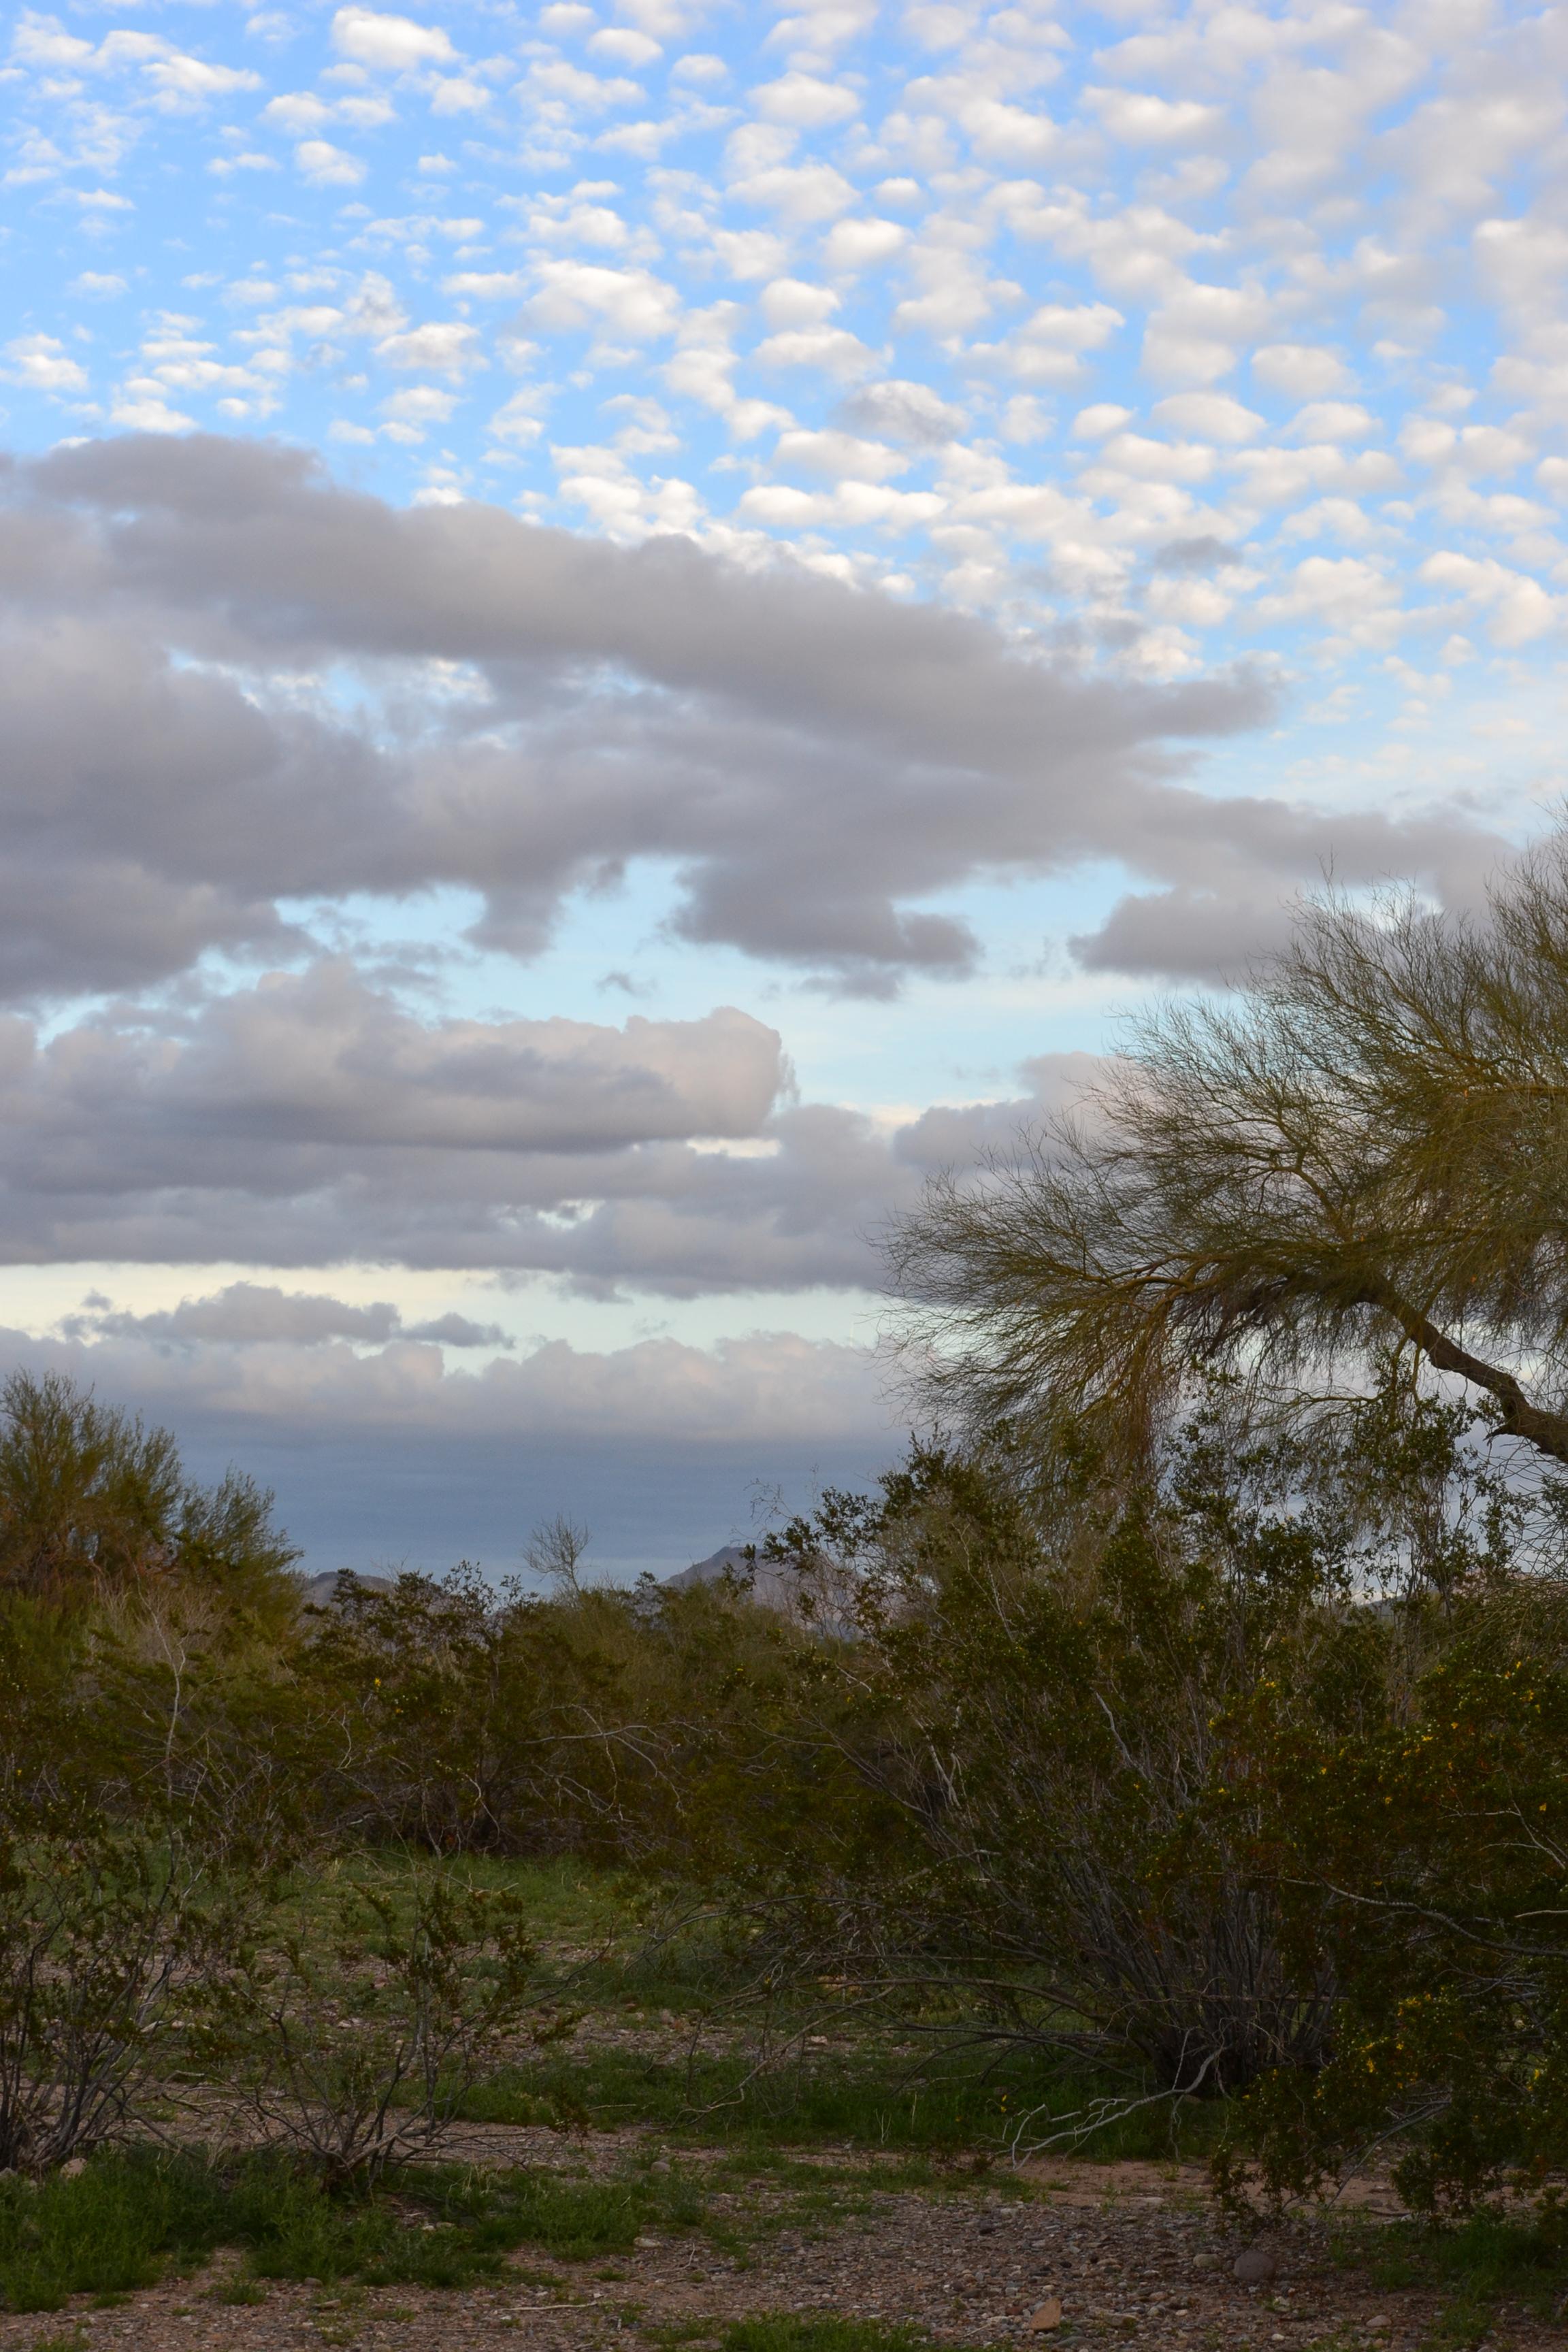 DSC_0132Green Desert Clouds, and Buttermilk Clouds